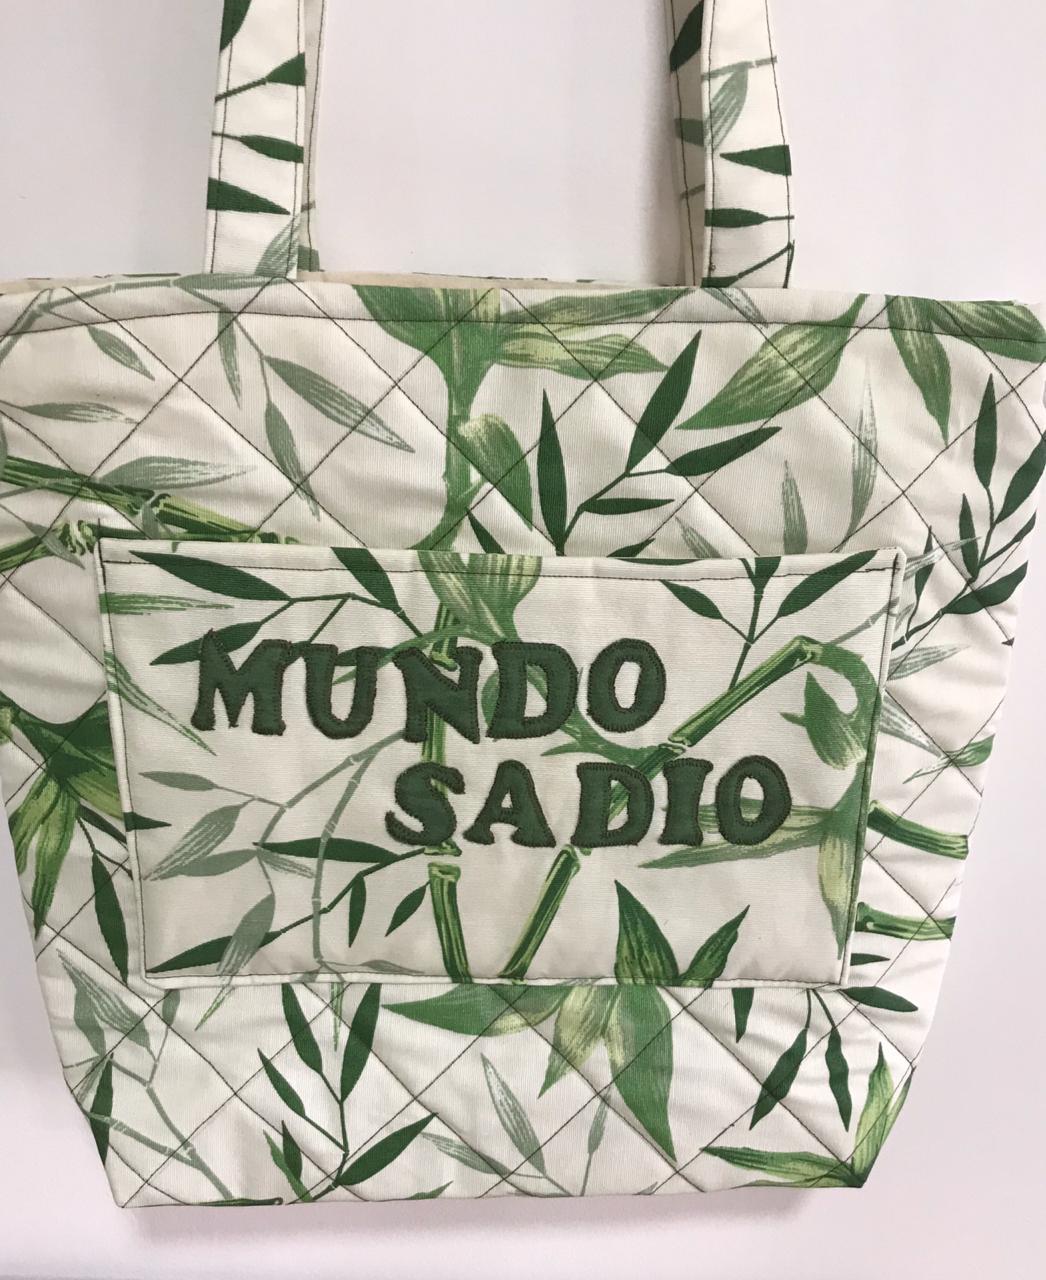 BOLSA PATCHWORK MUNDO SADIO BOTÃO